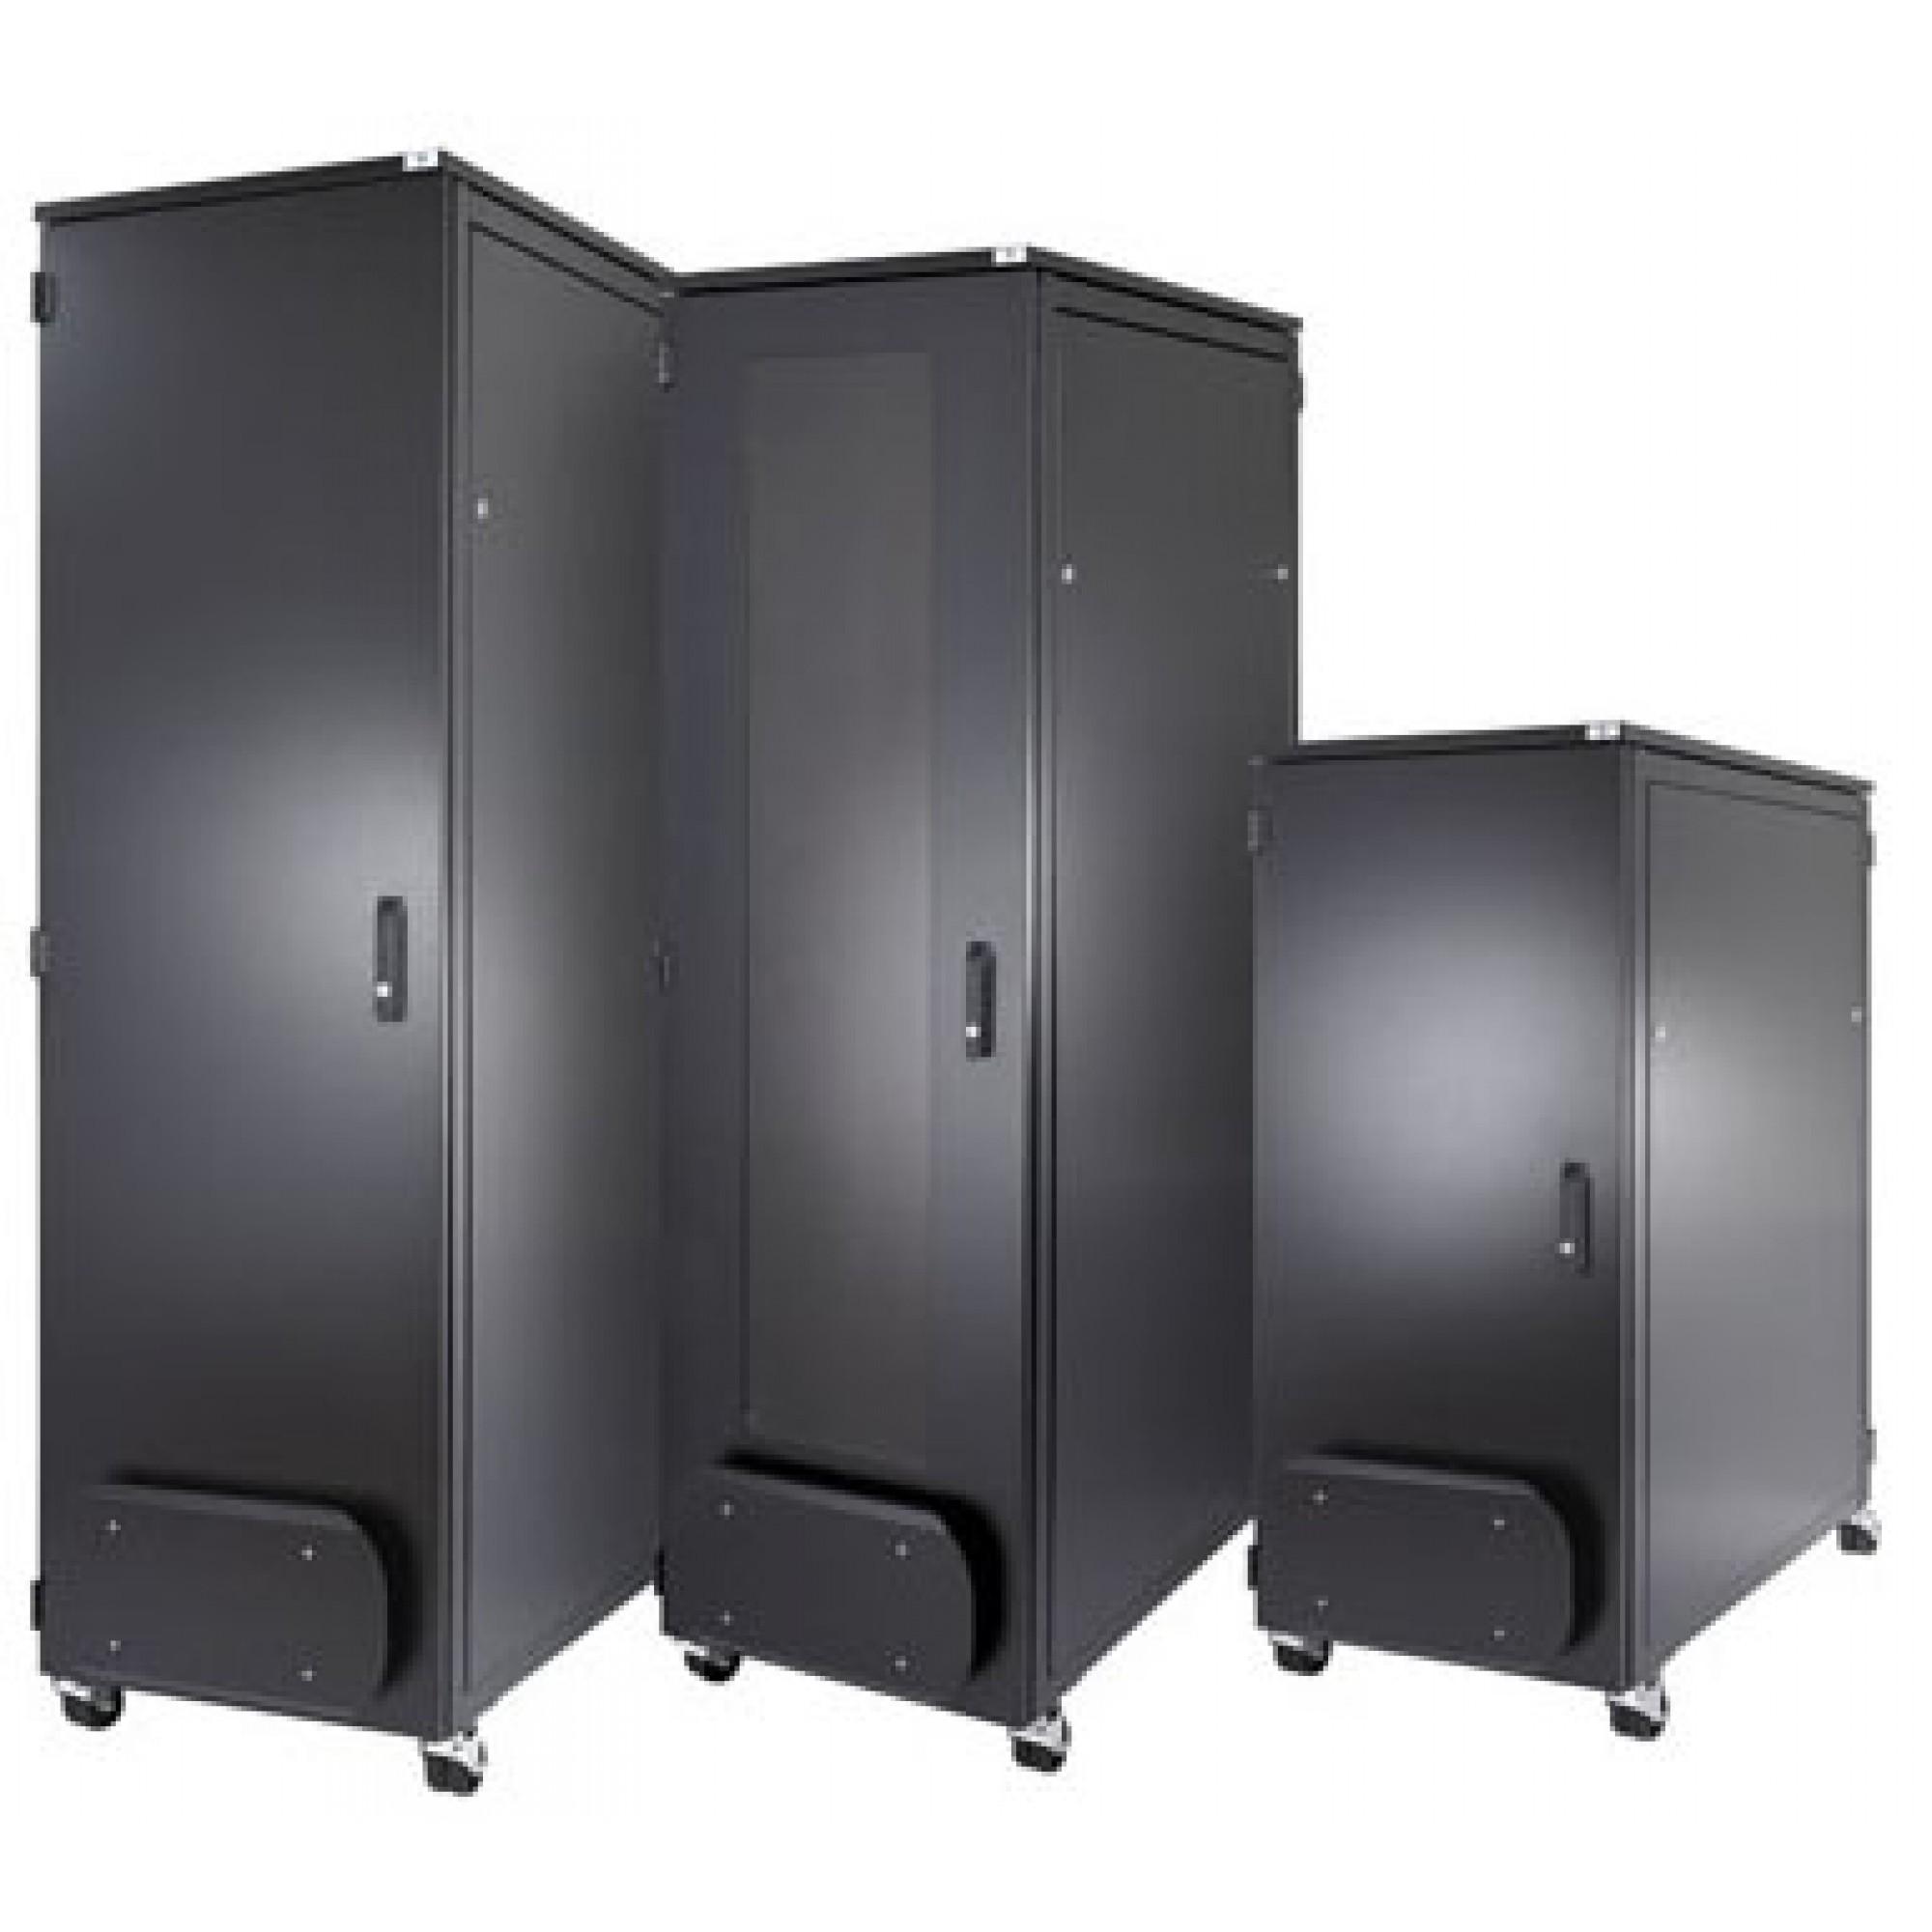 ABNET Cabinet 36U-800, gồm 2 quạt, 1 ổ cắm 6 Outlet 36U800